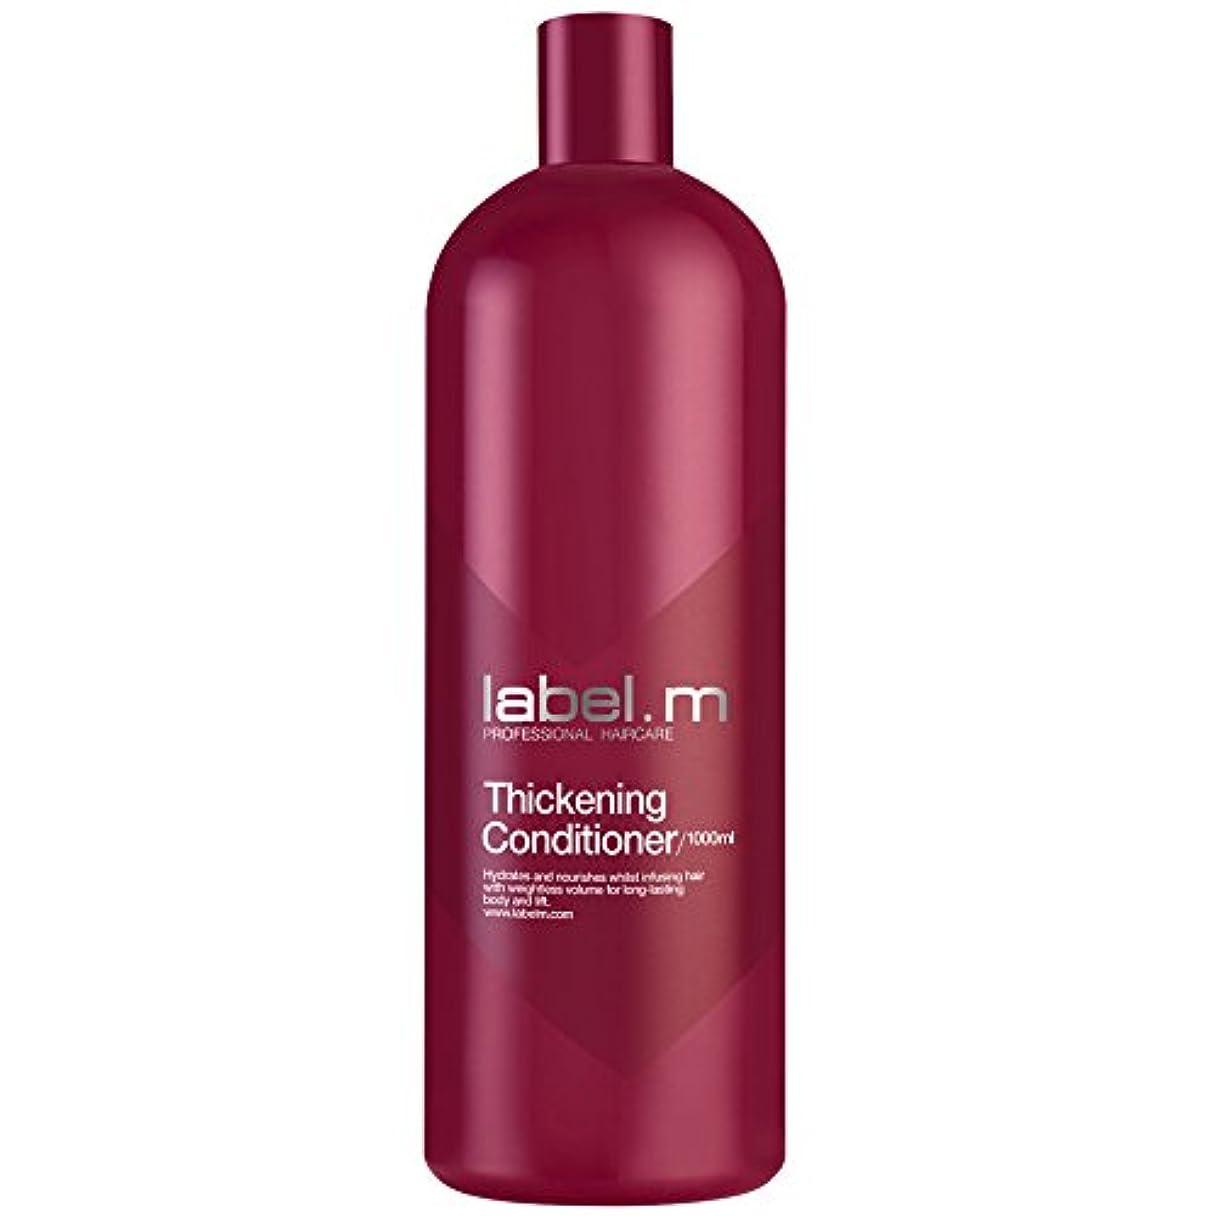 強調反映する用量レーベルエム シックニング コンディショナー (髪に潤いと栄養を与えて、軽やかでコシとボリュームのある髪を長時間キープします。) 1000ml